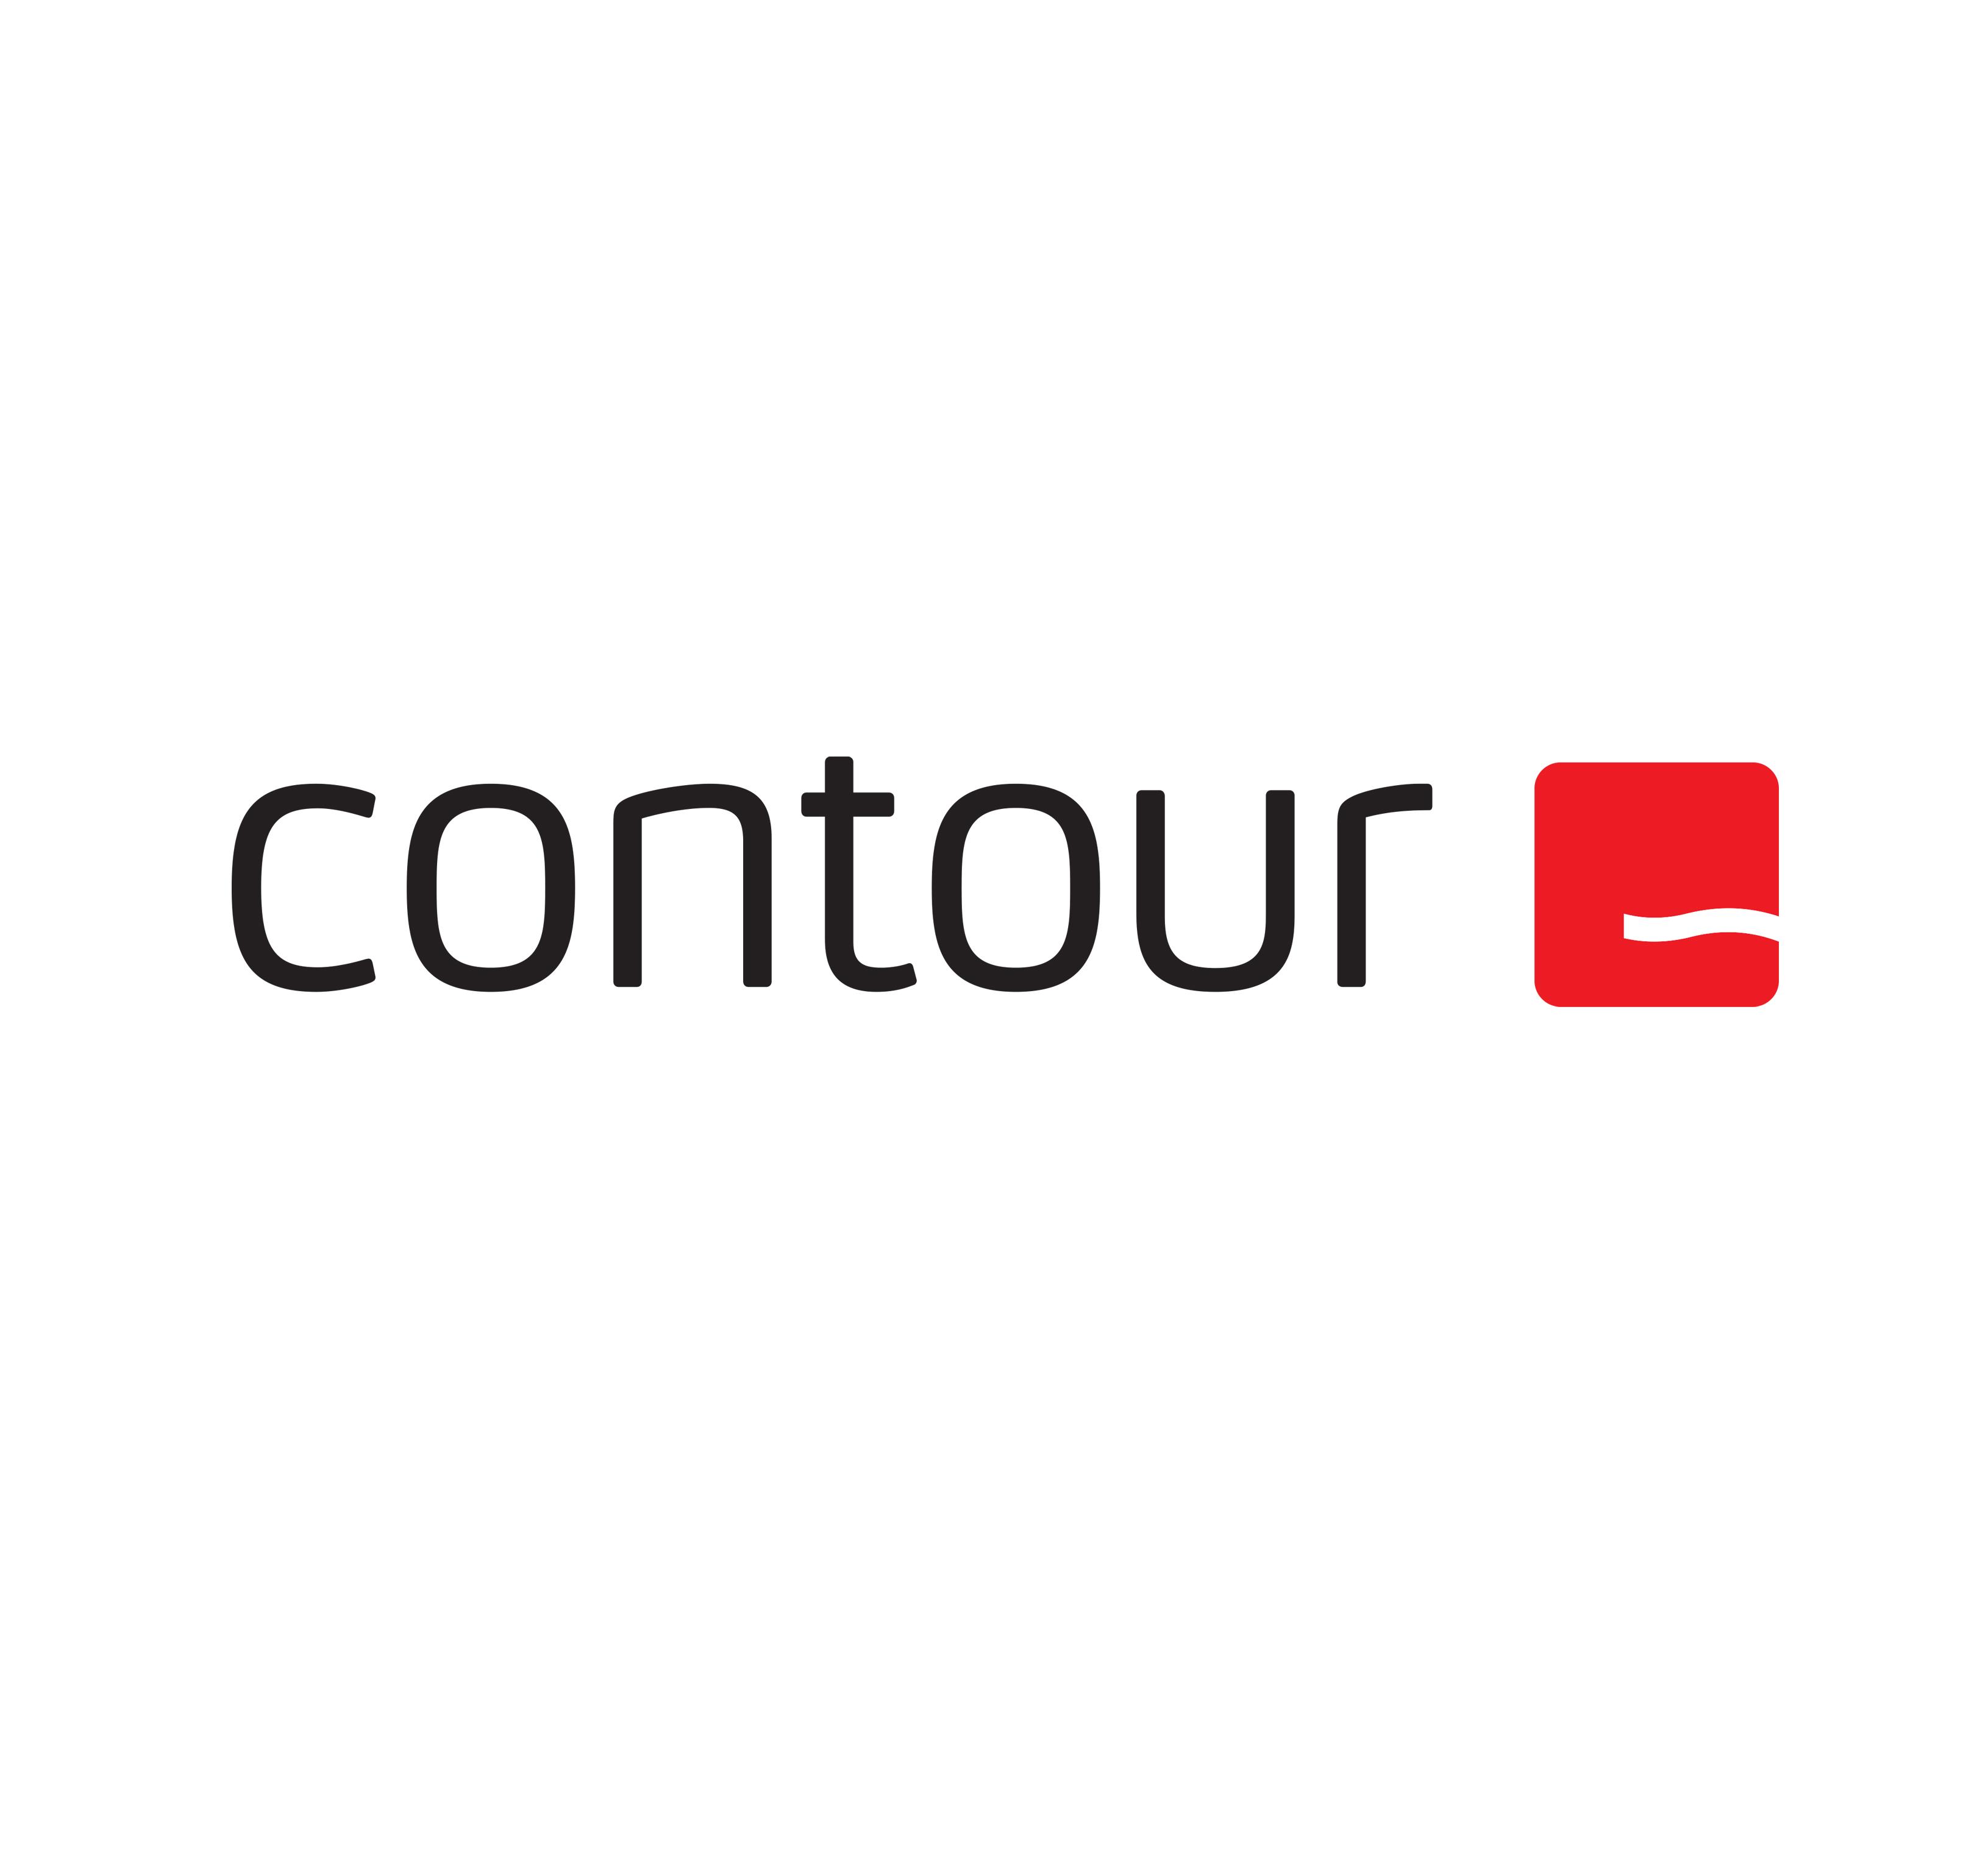 contour_cmyk_horizontal